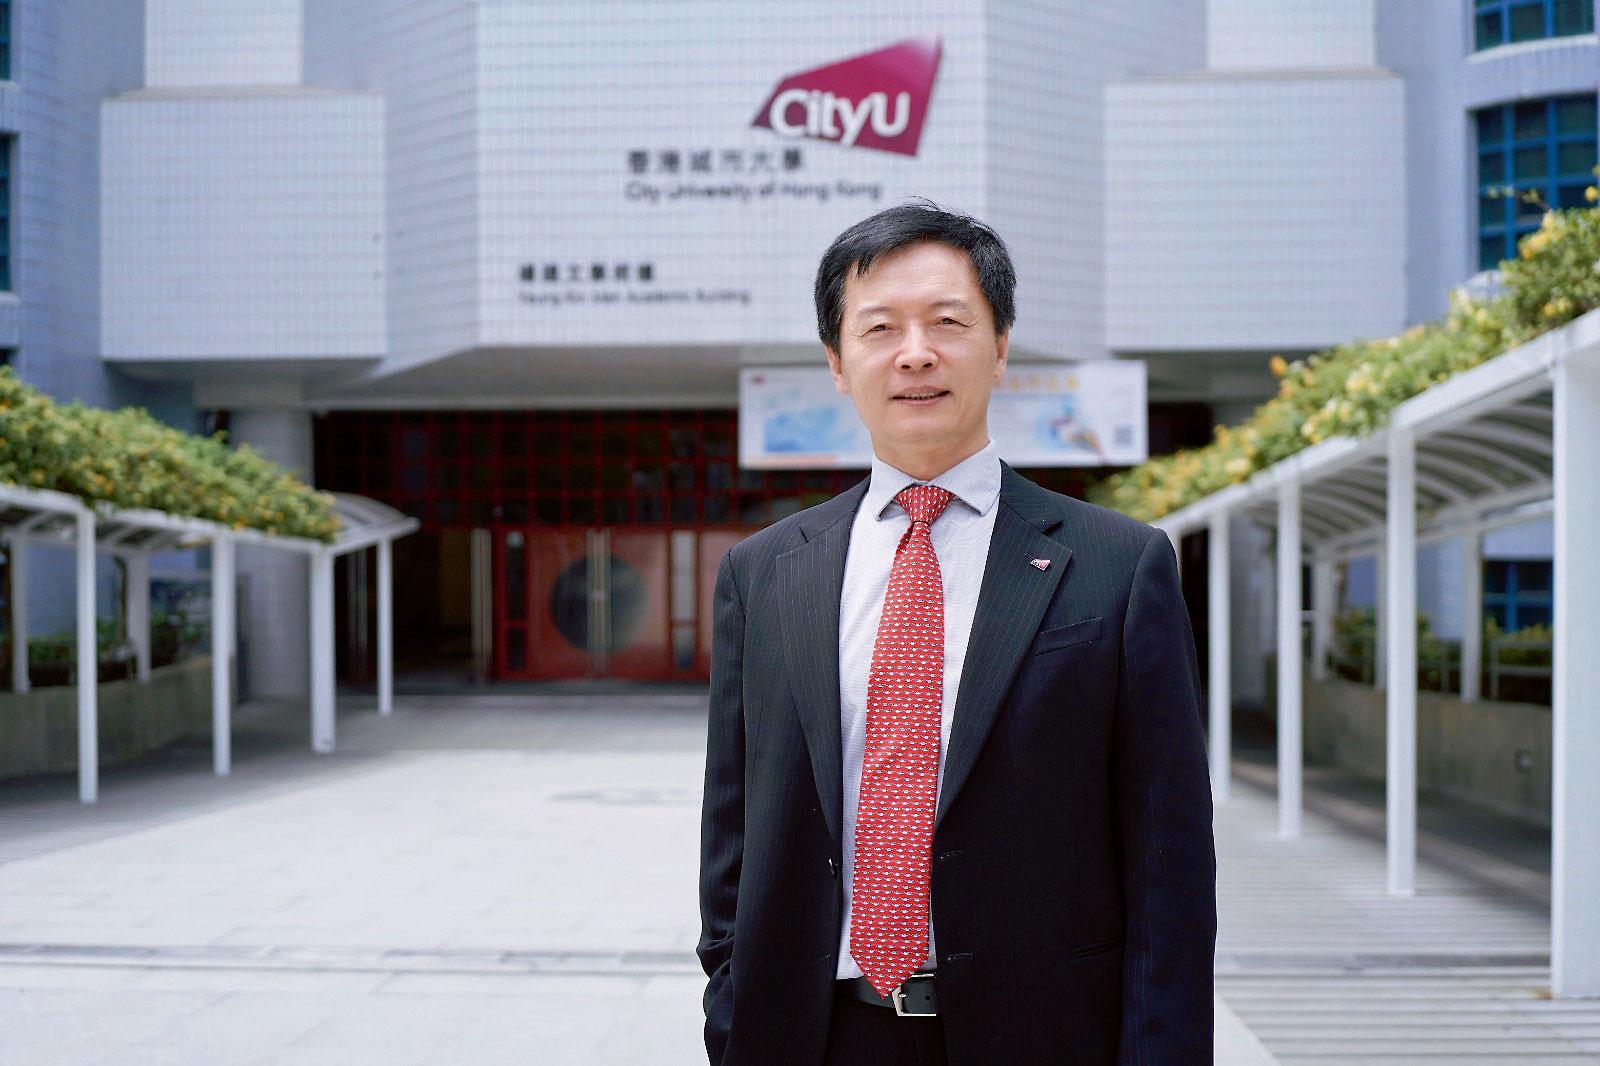 城大數據科學學院院長秦泗釗教授表示,現時市場最渴求的是兼備數據科學基礎和一、兩項其他領域專長的複合型人才,學院會針對市場所需培育新一代專才。